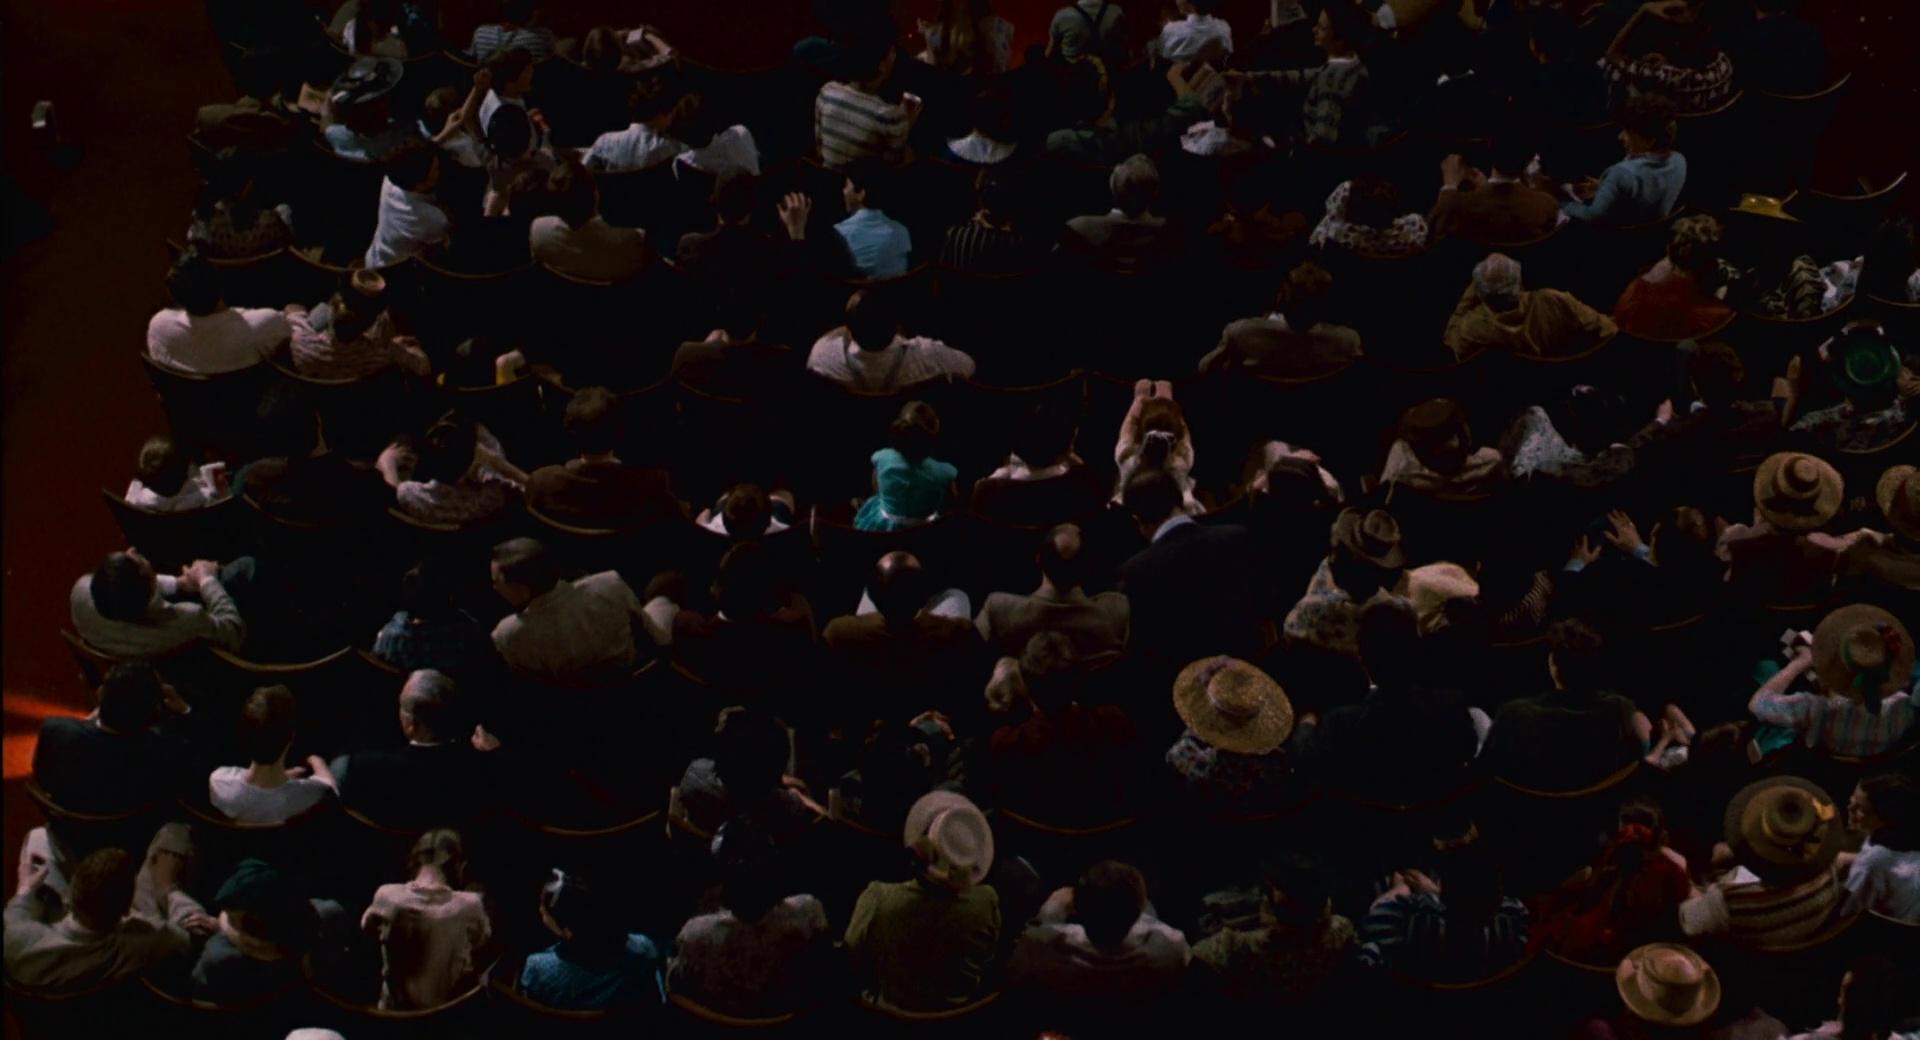 Who Framed Roger Rabbit film still 2